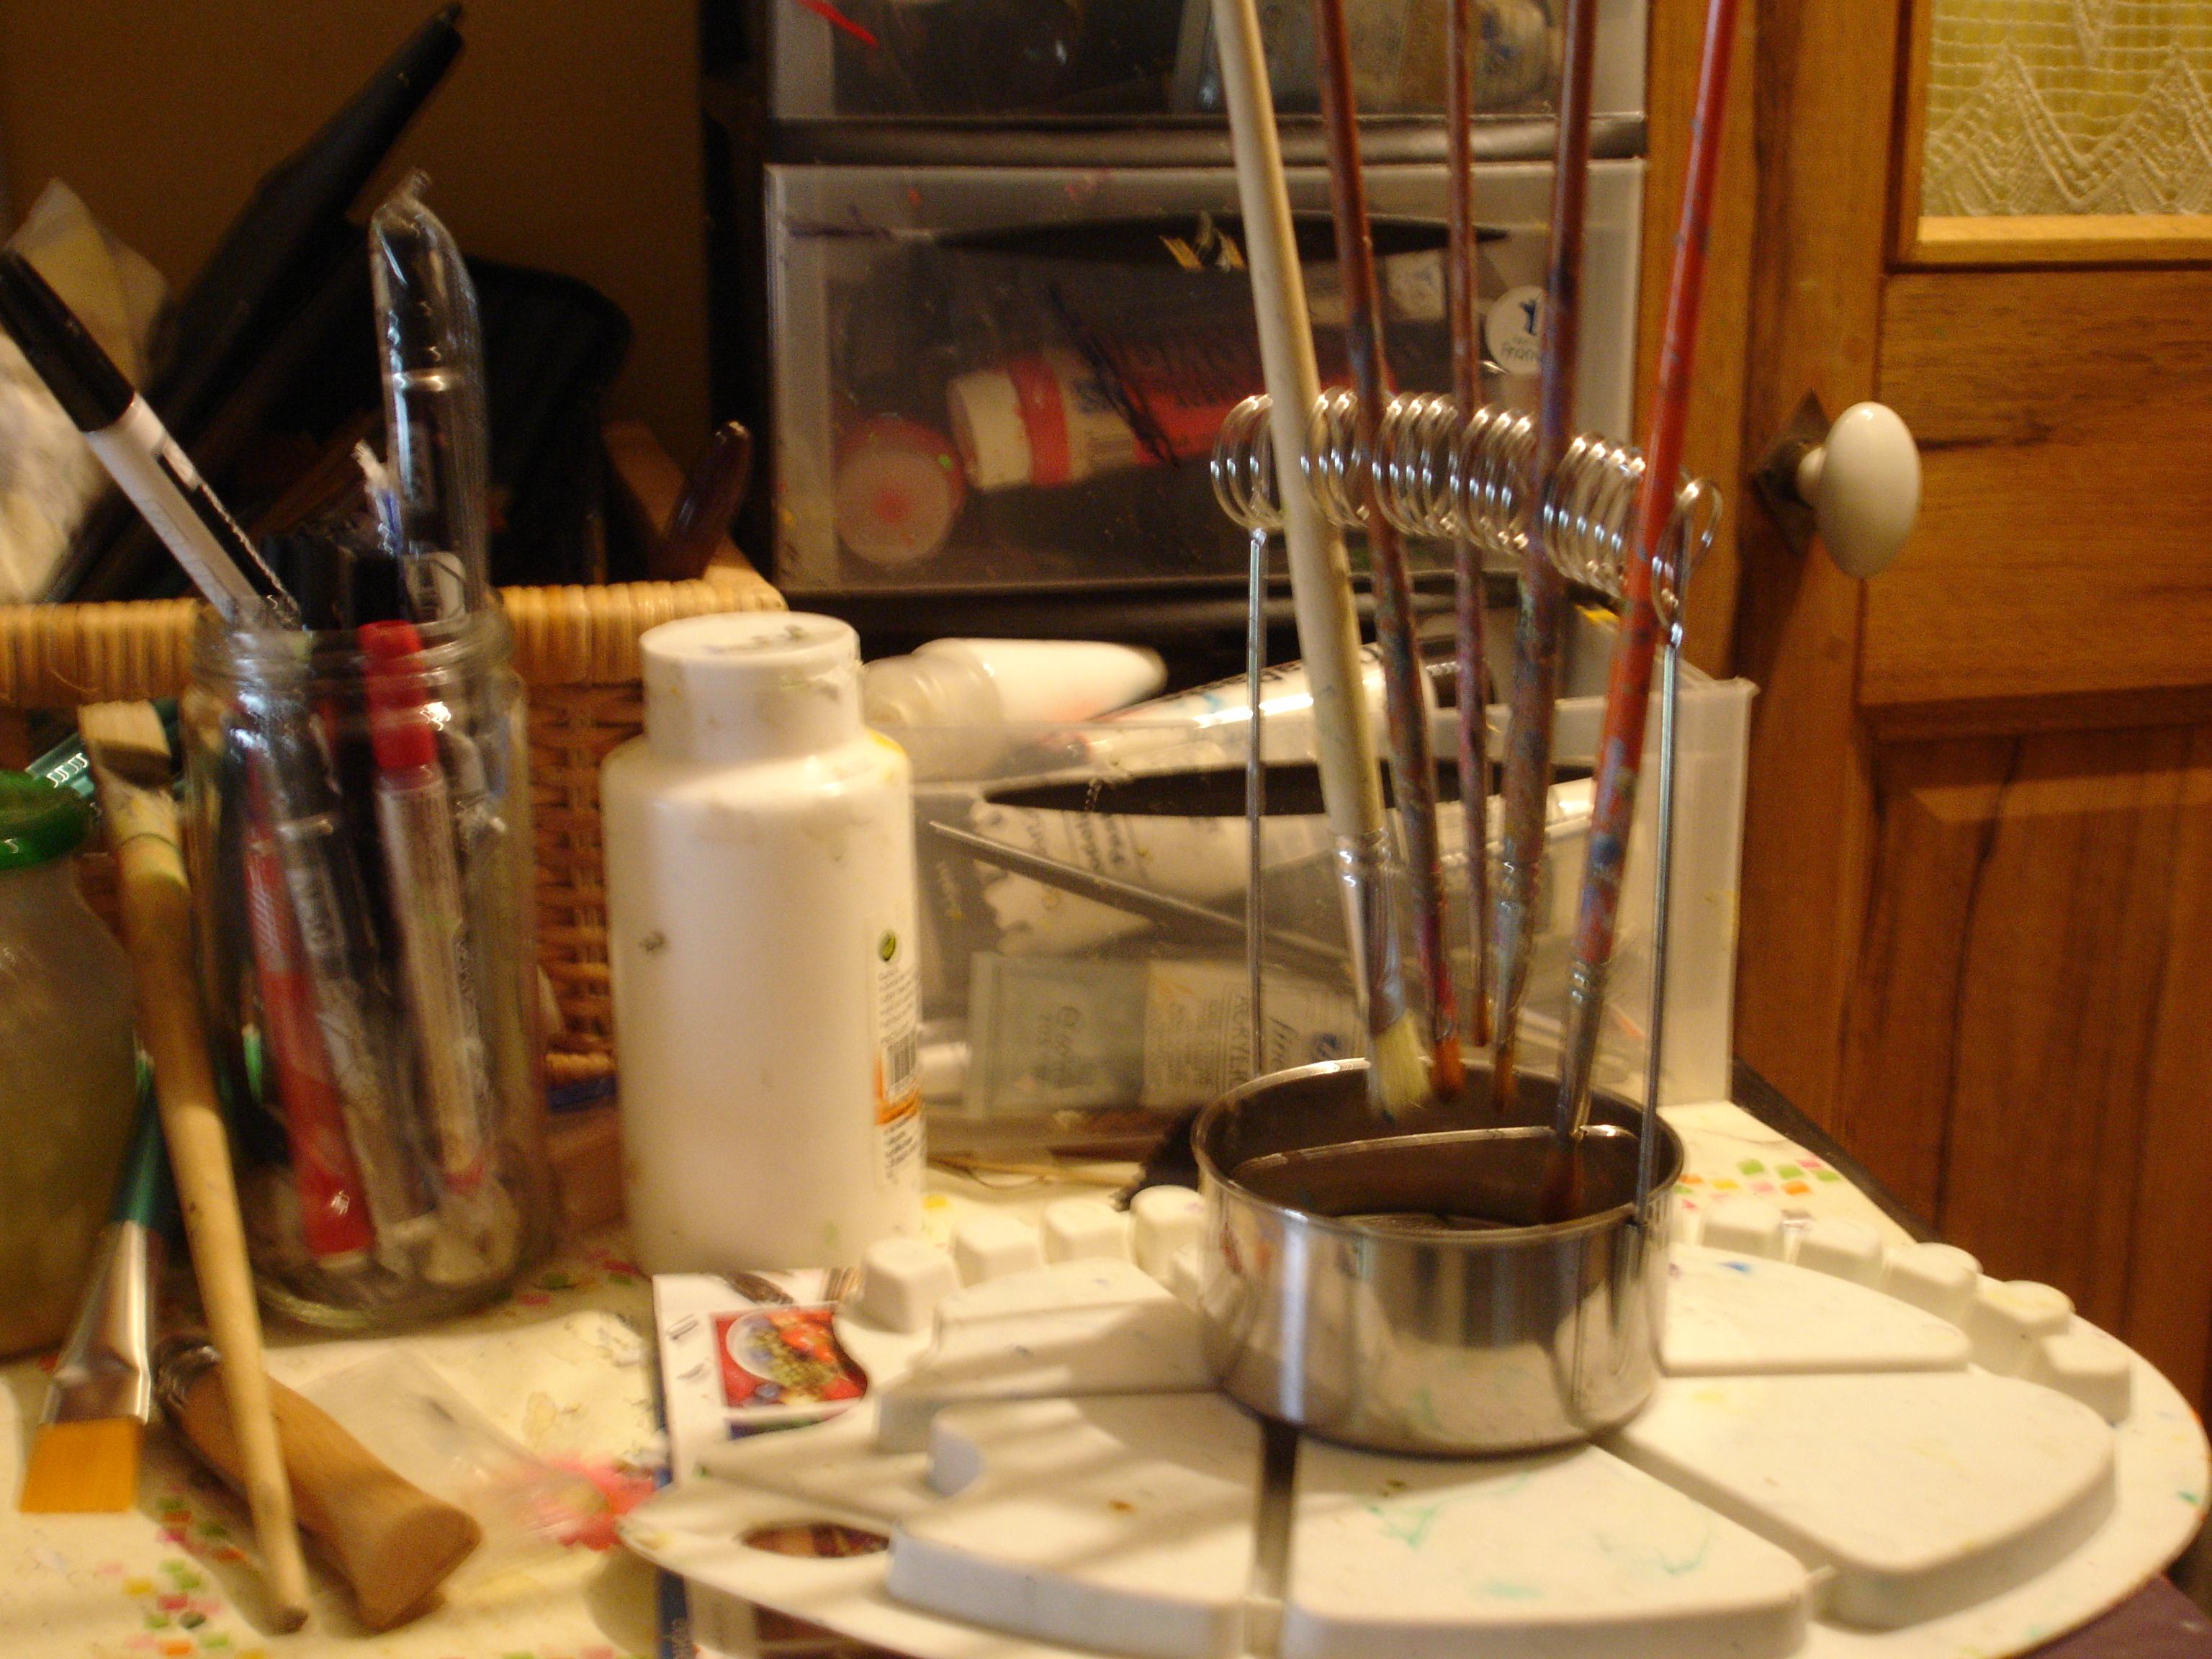 Dessin Et Peinture Video 1705 Comment Nettoyer Efficacement Ses Pinceaux Peinture A L Huile Le Blog De Lapalettedecouleurs Over Blog Com